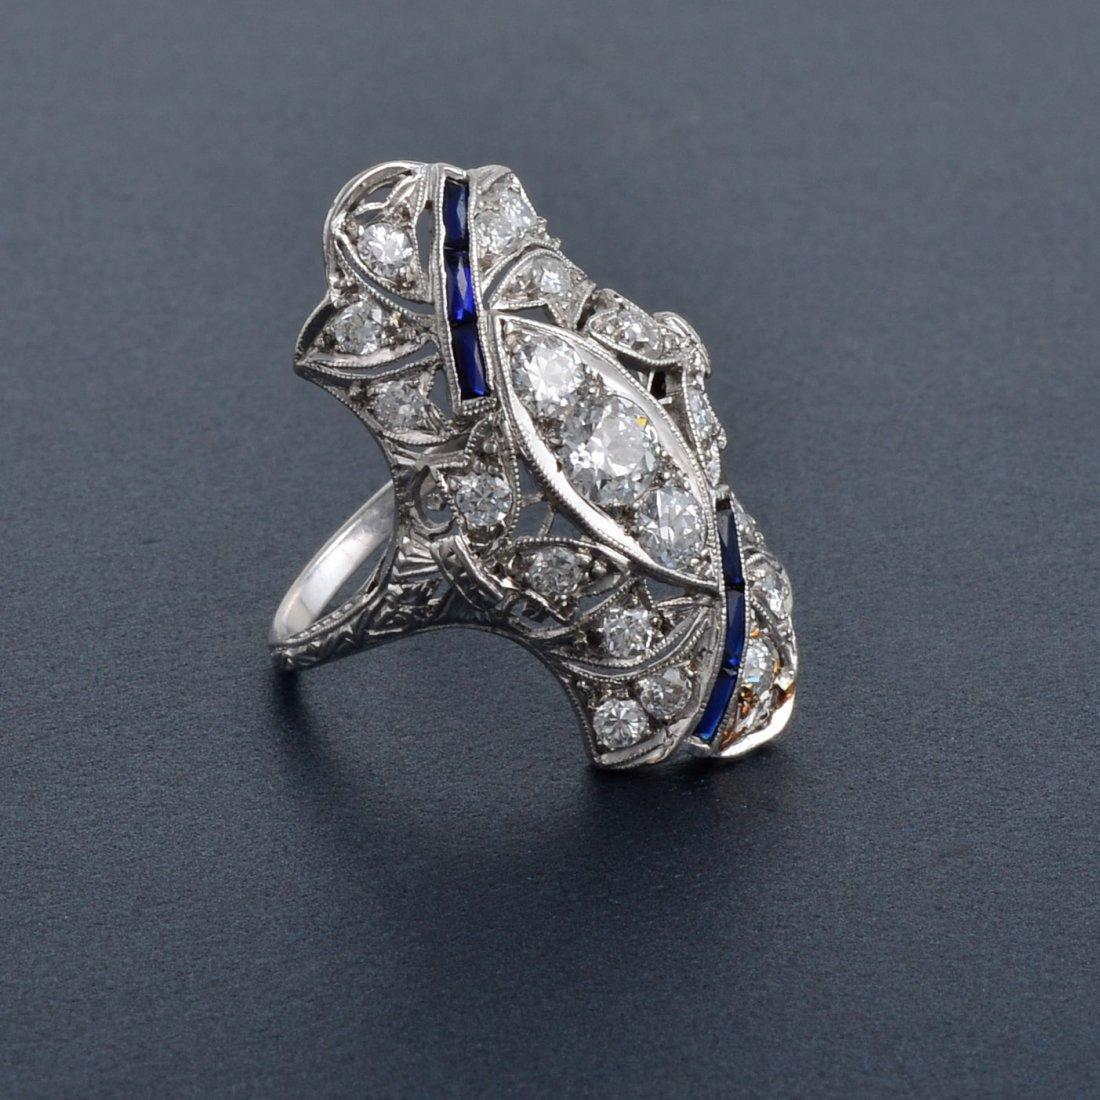 339: Art Deco Platinum Diamond Ring